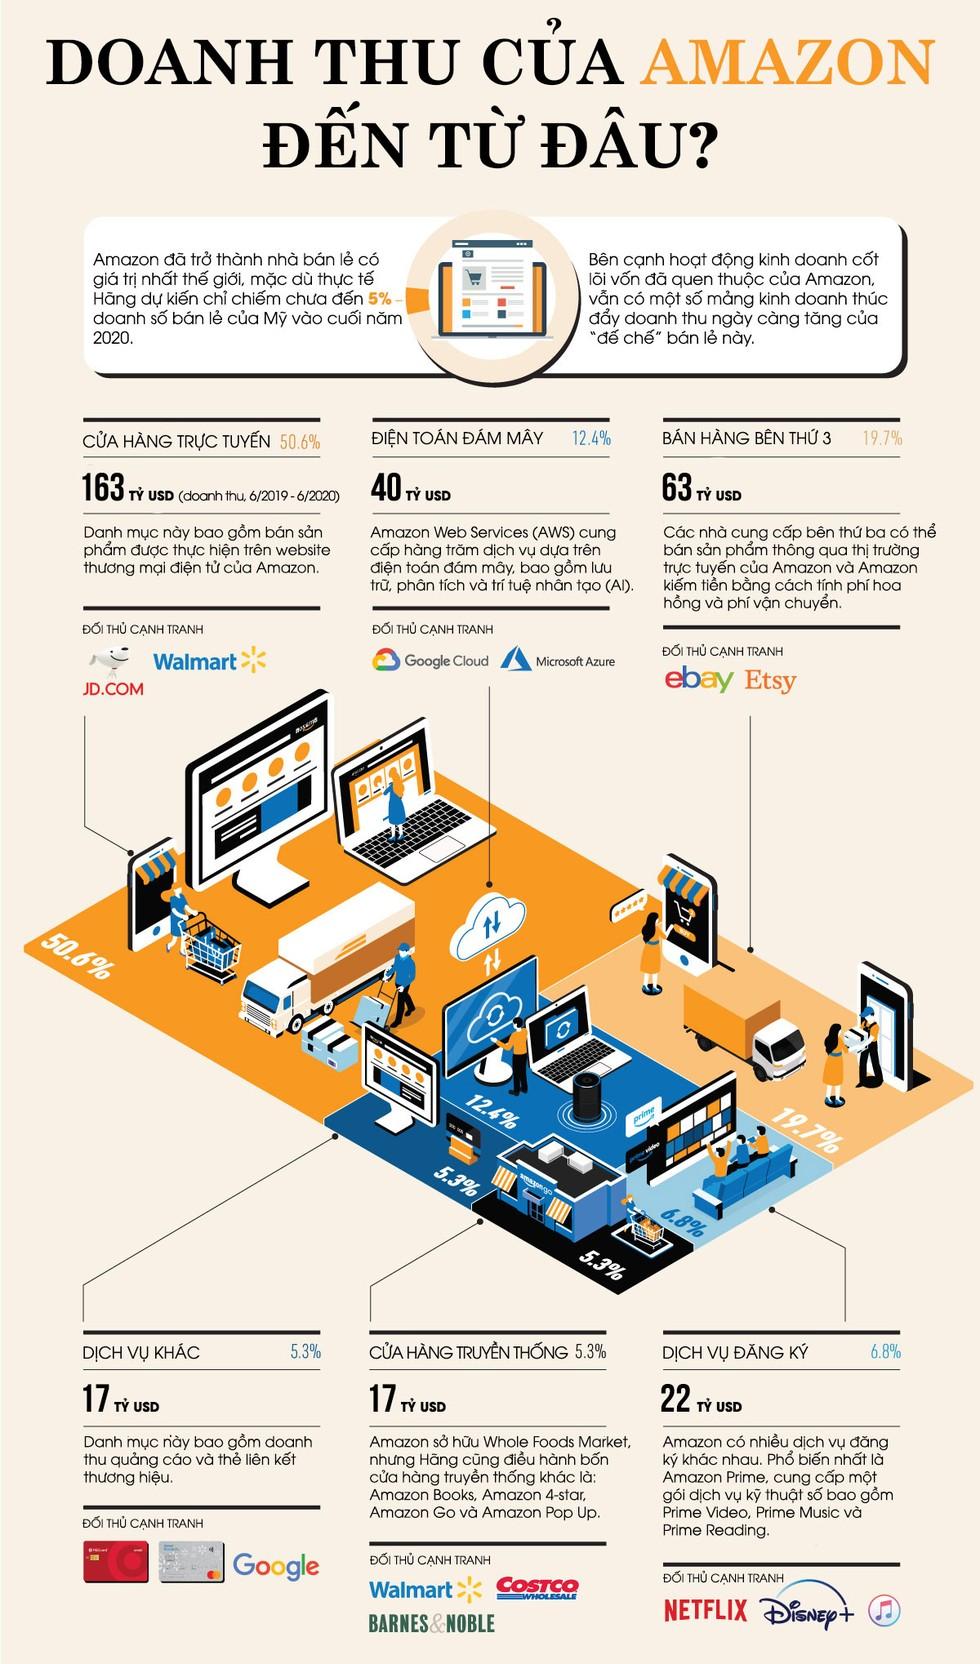 [Infographic] Doanh thu của Amazon đến từ đâu? ảnh 1